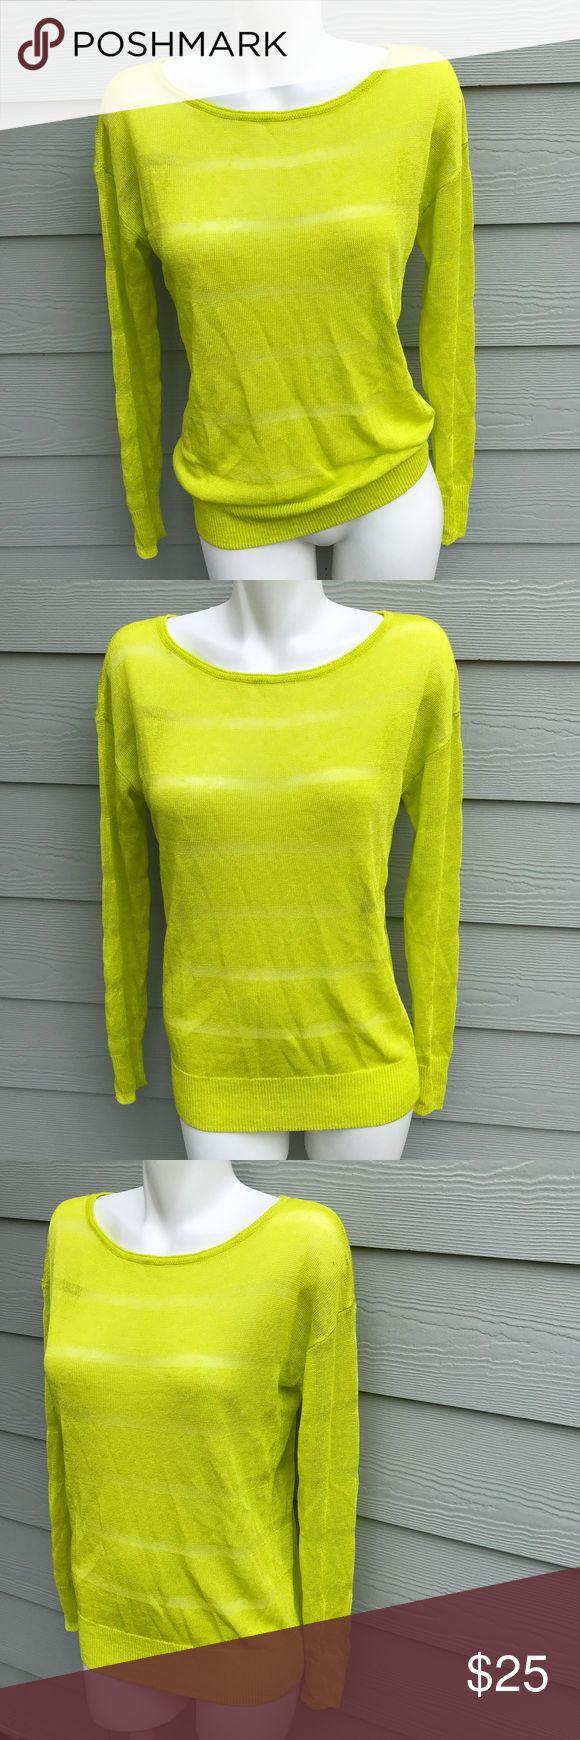 Halogen Knit Neon Yellow Top In good condition Halogen Sweaters Crew & Scoop Necks